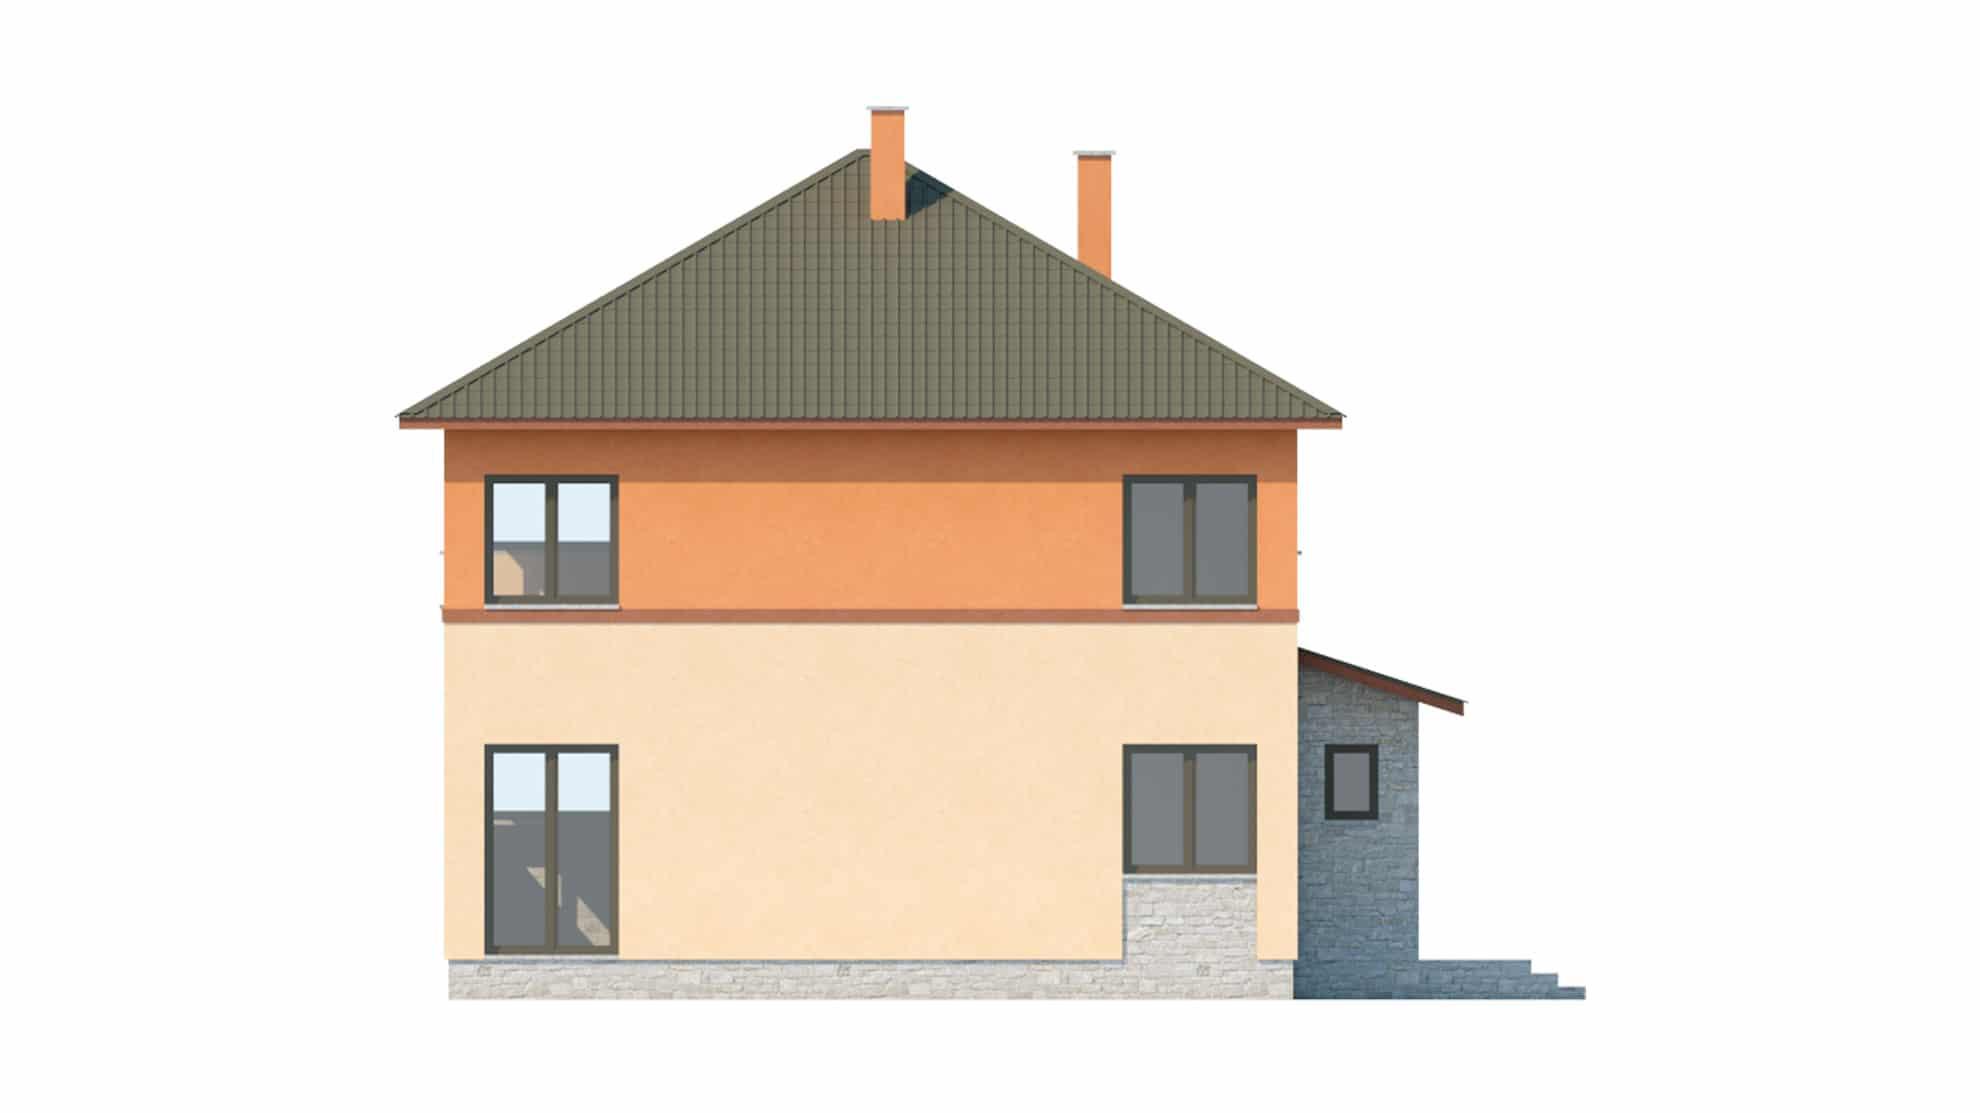 Фасад двухэтажного дома с подвалом и верандой «КД-19» - слева